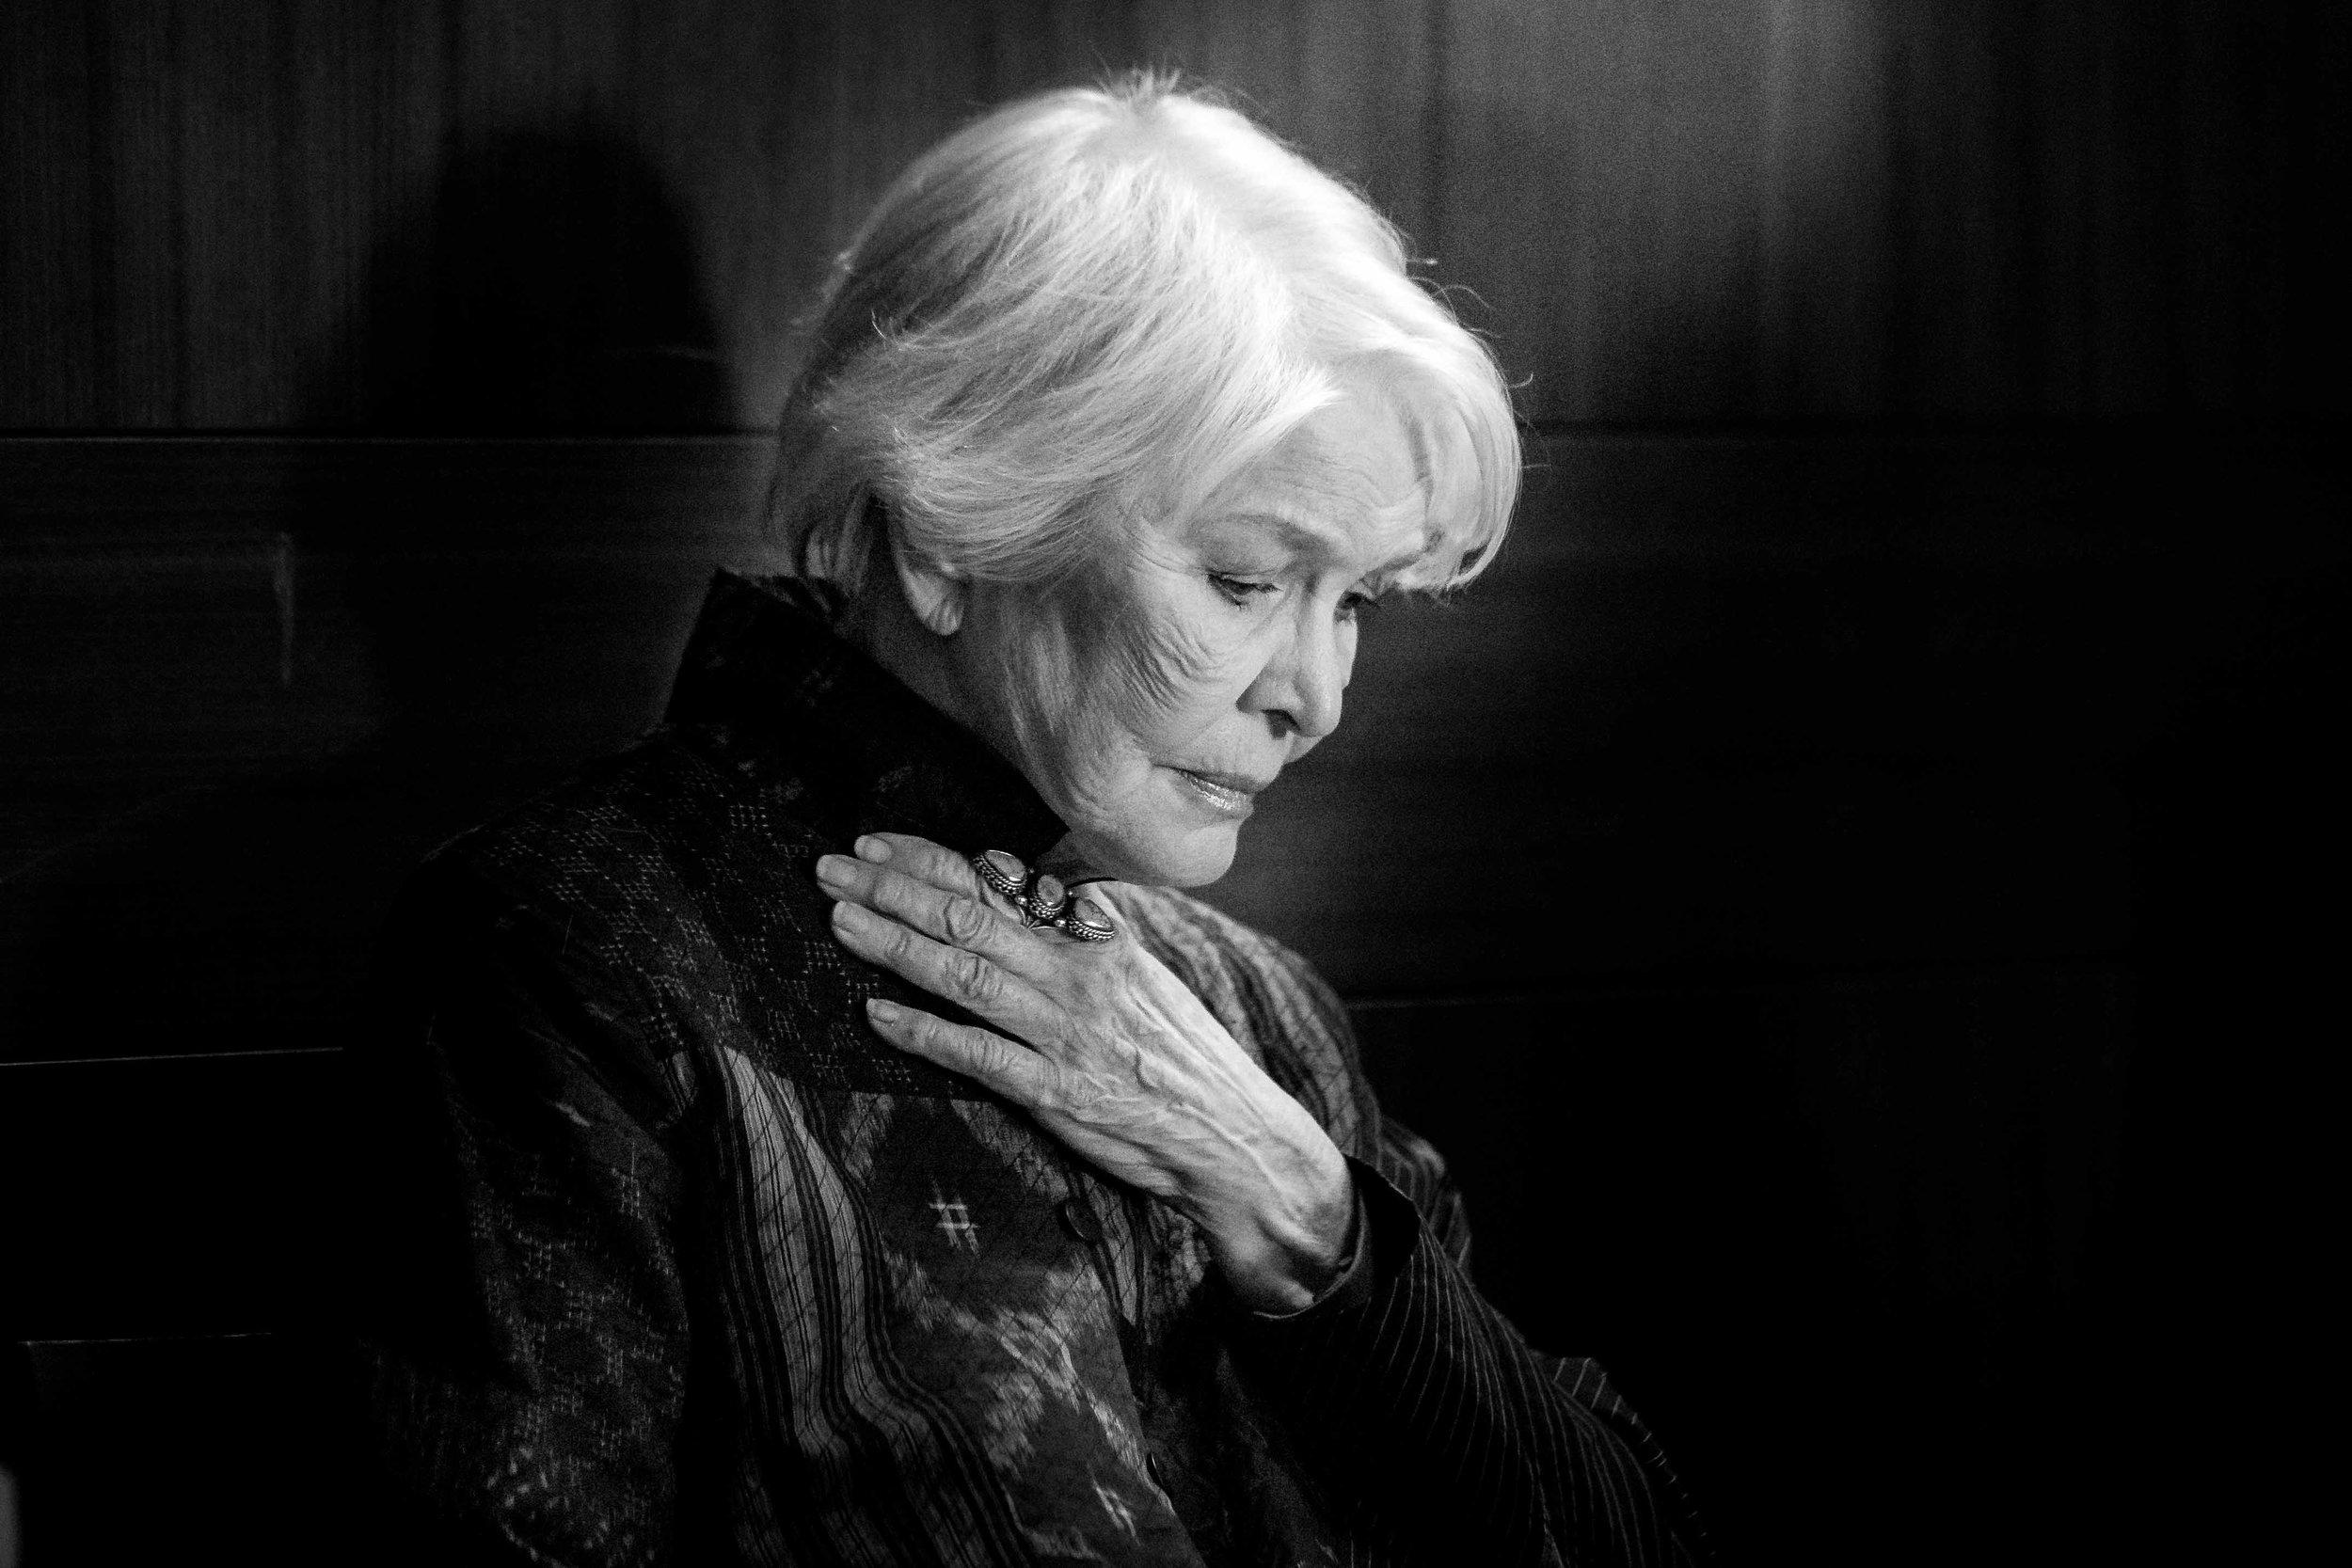 Ellen-Burstyn-portrait